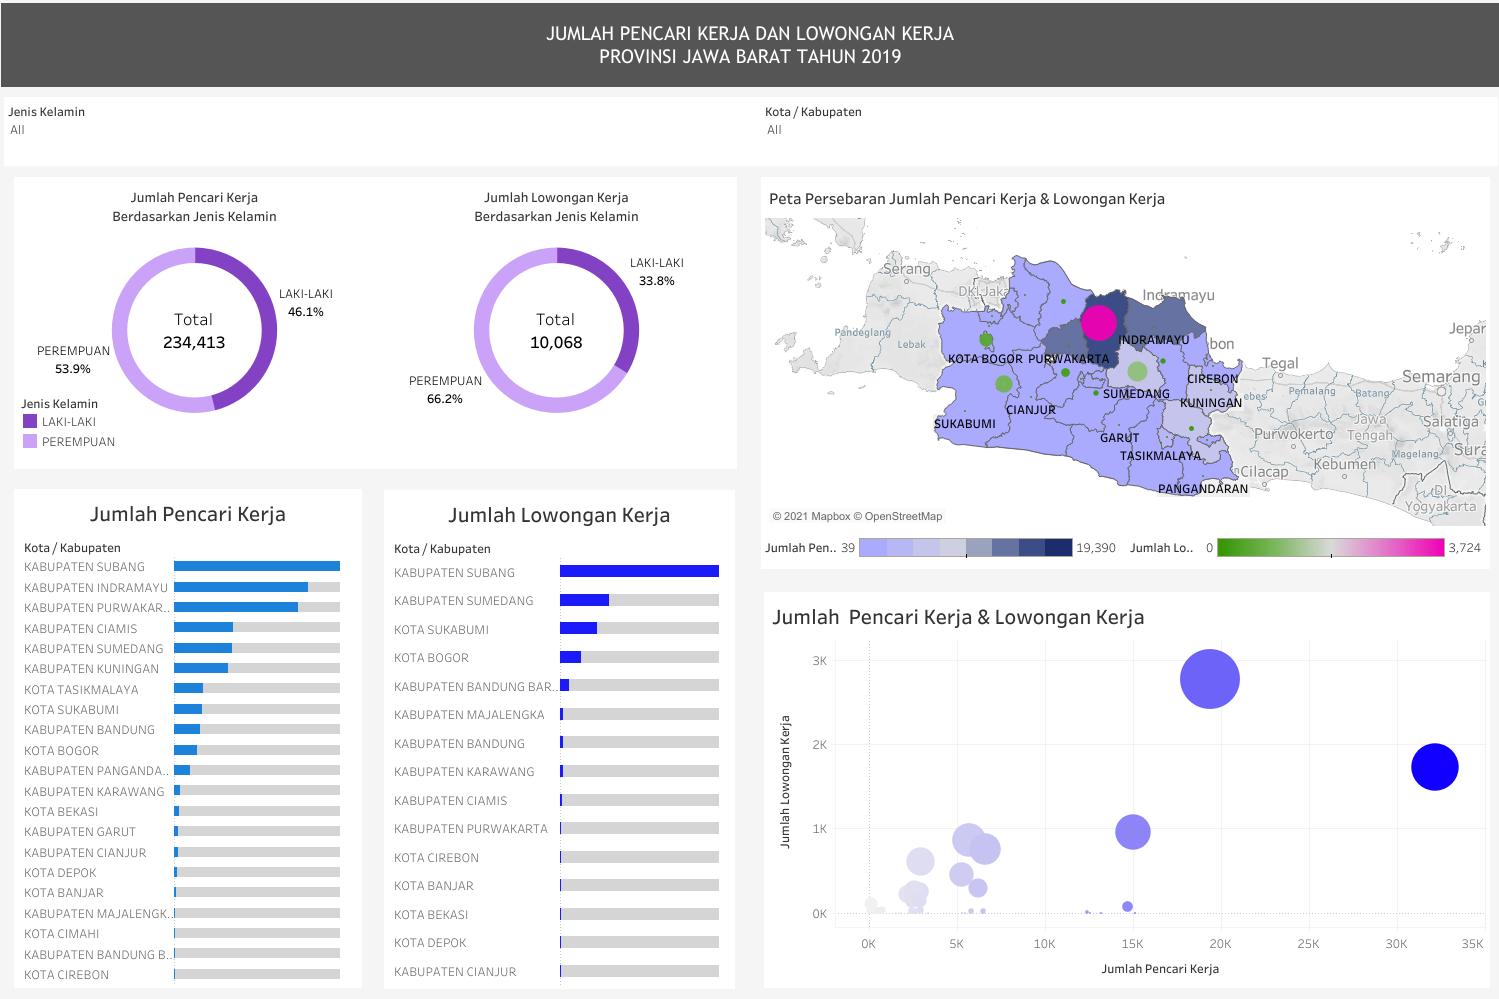 Jumlah Pencari Kerja Dan Lowongan Kerja Provinsi Jawa Barat 2019